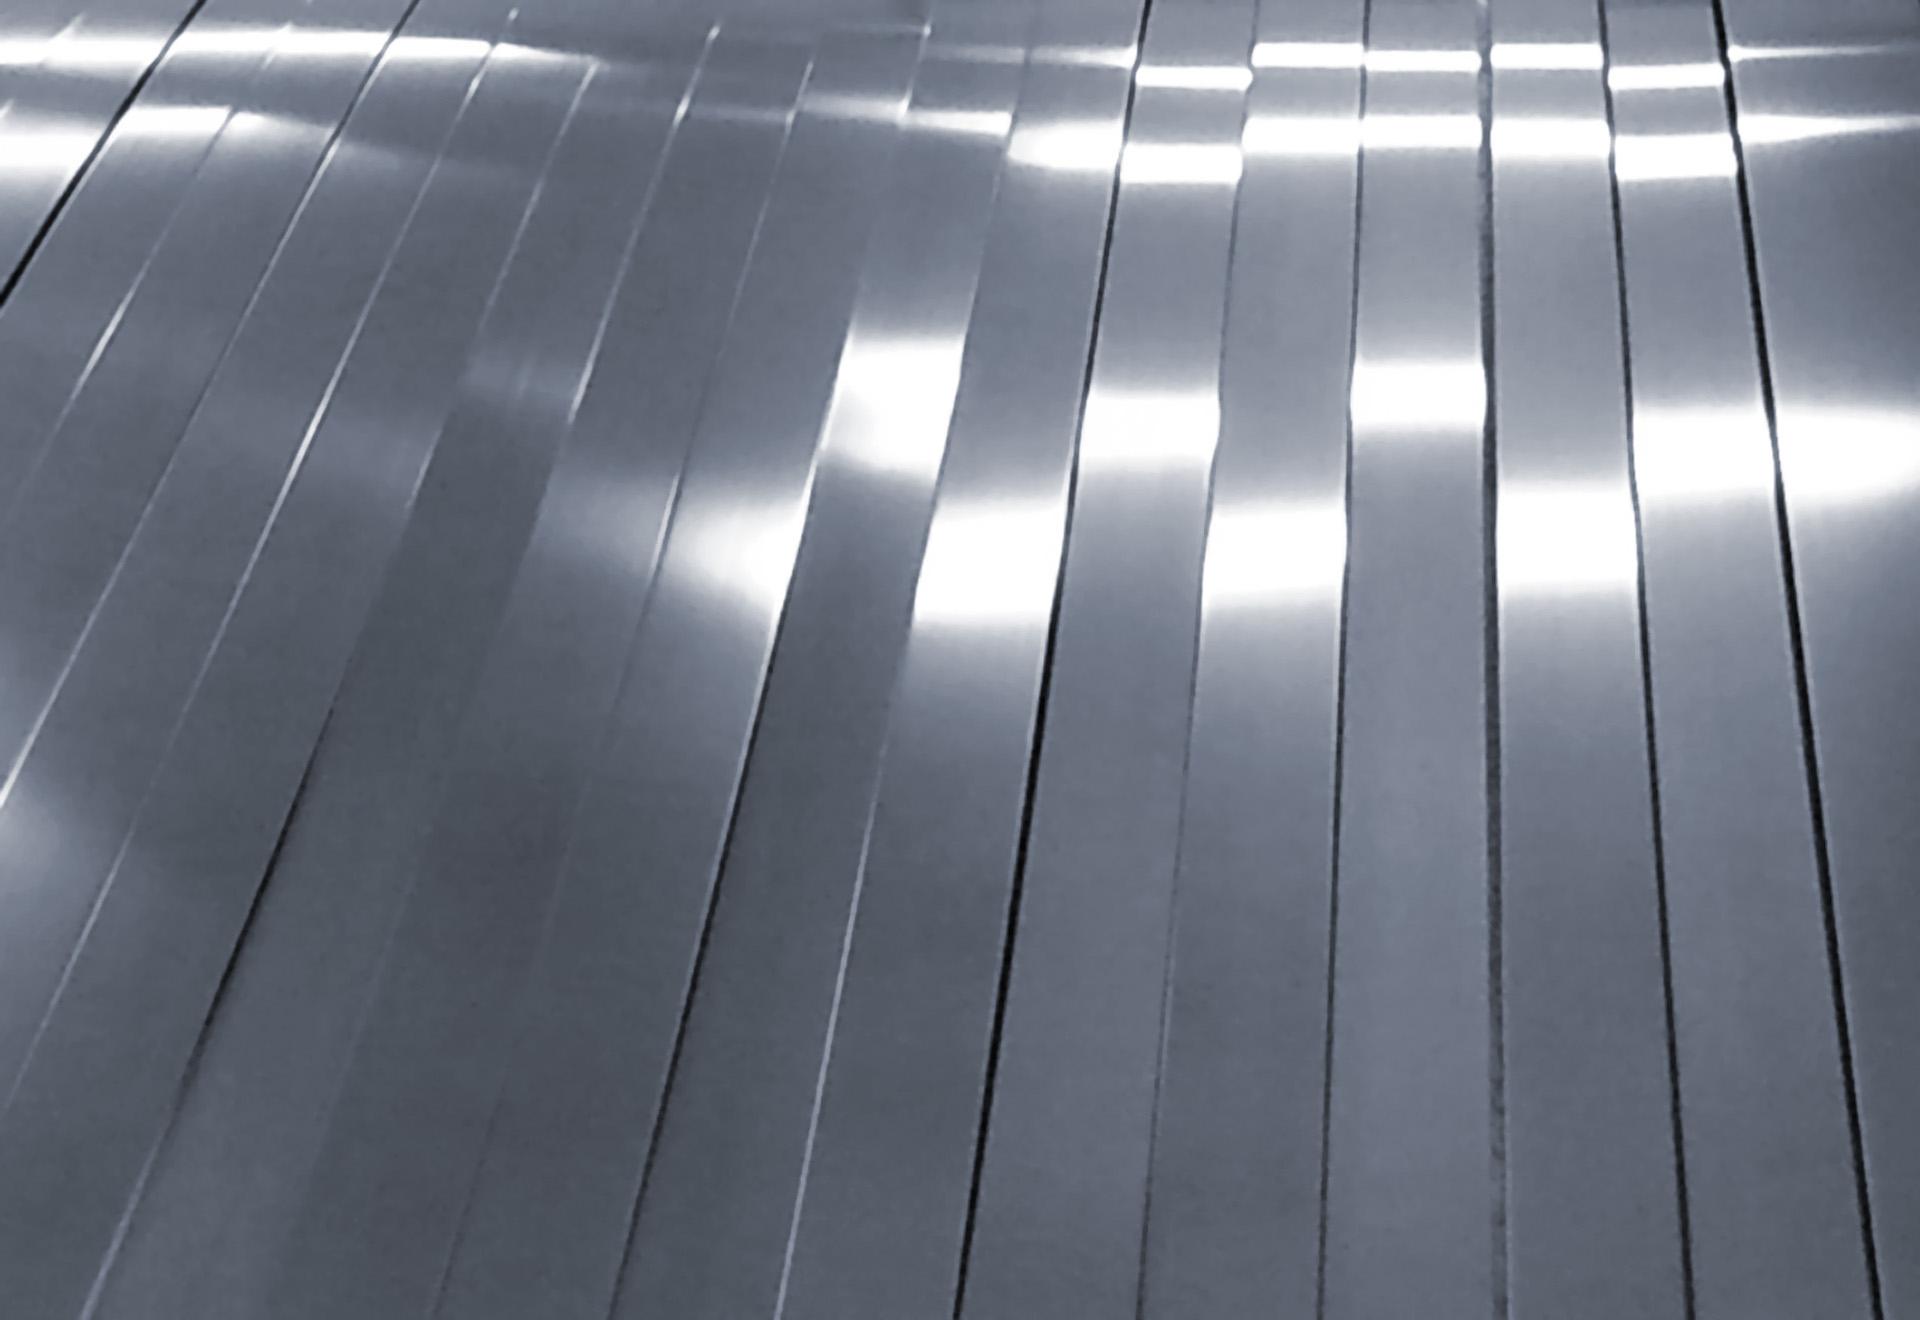 Profilati acciaio inox b c m srl for Scatolati in acciaio inox